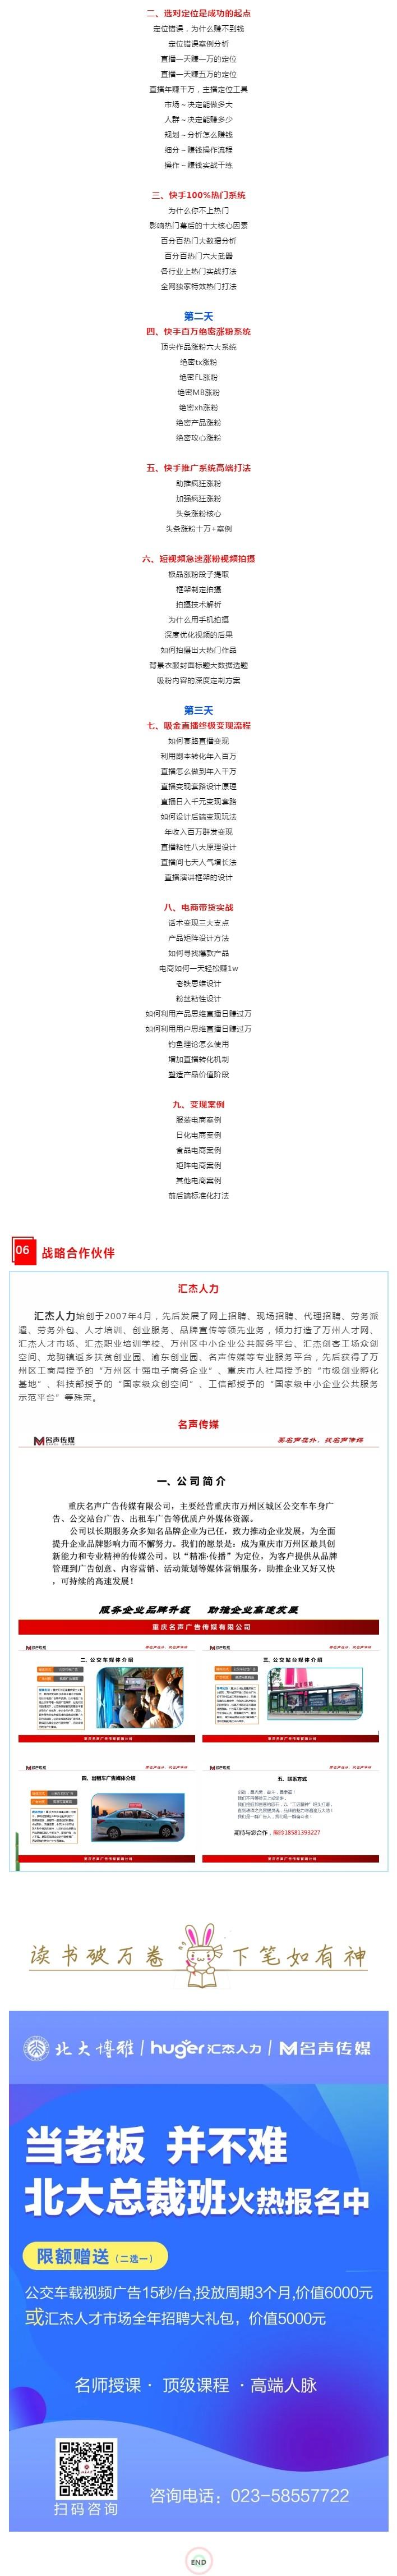 1593651351(1)_看圖王.jpg